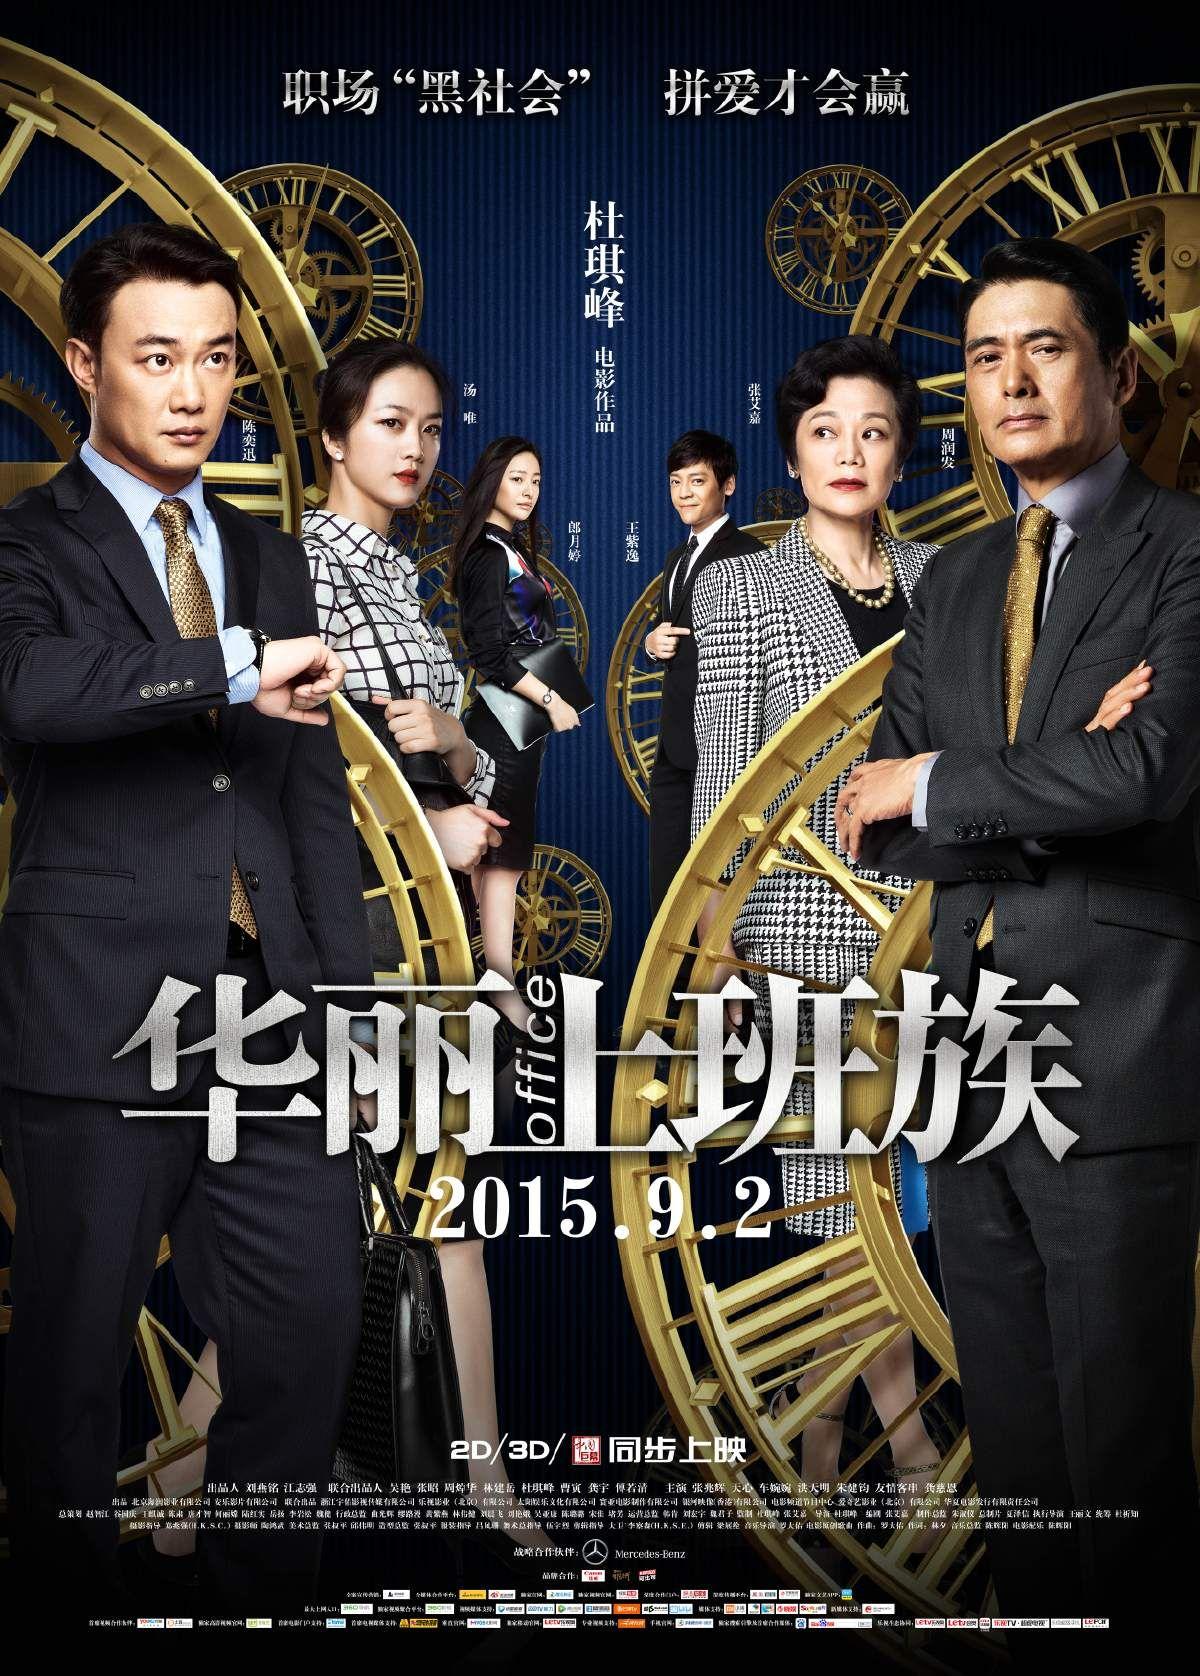 华丽上班族 華麗上班族 (2015)  |   BT分享-中国最大的电影种子分享平台